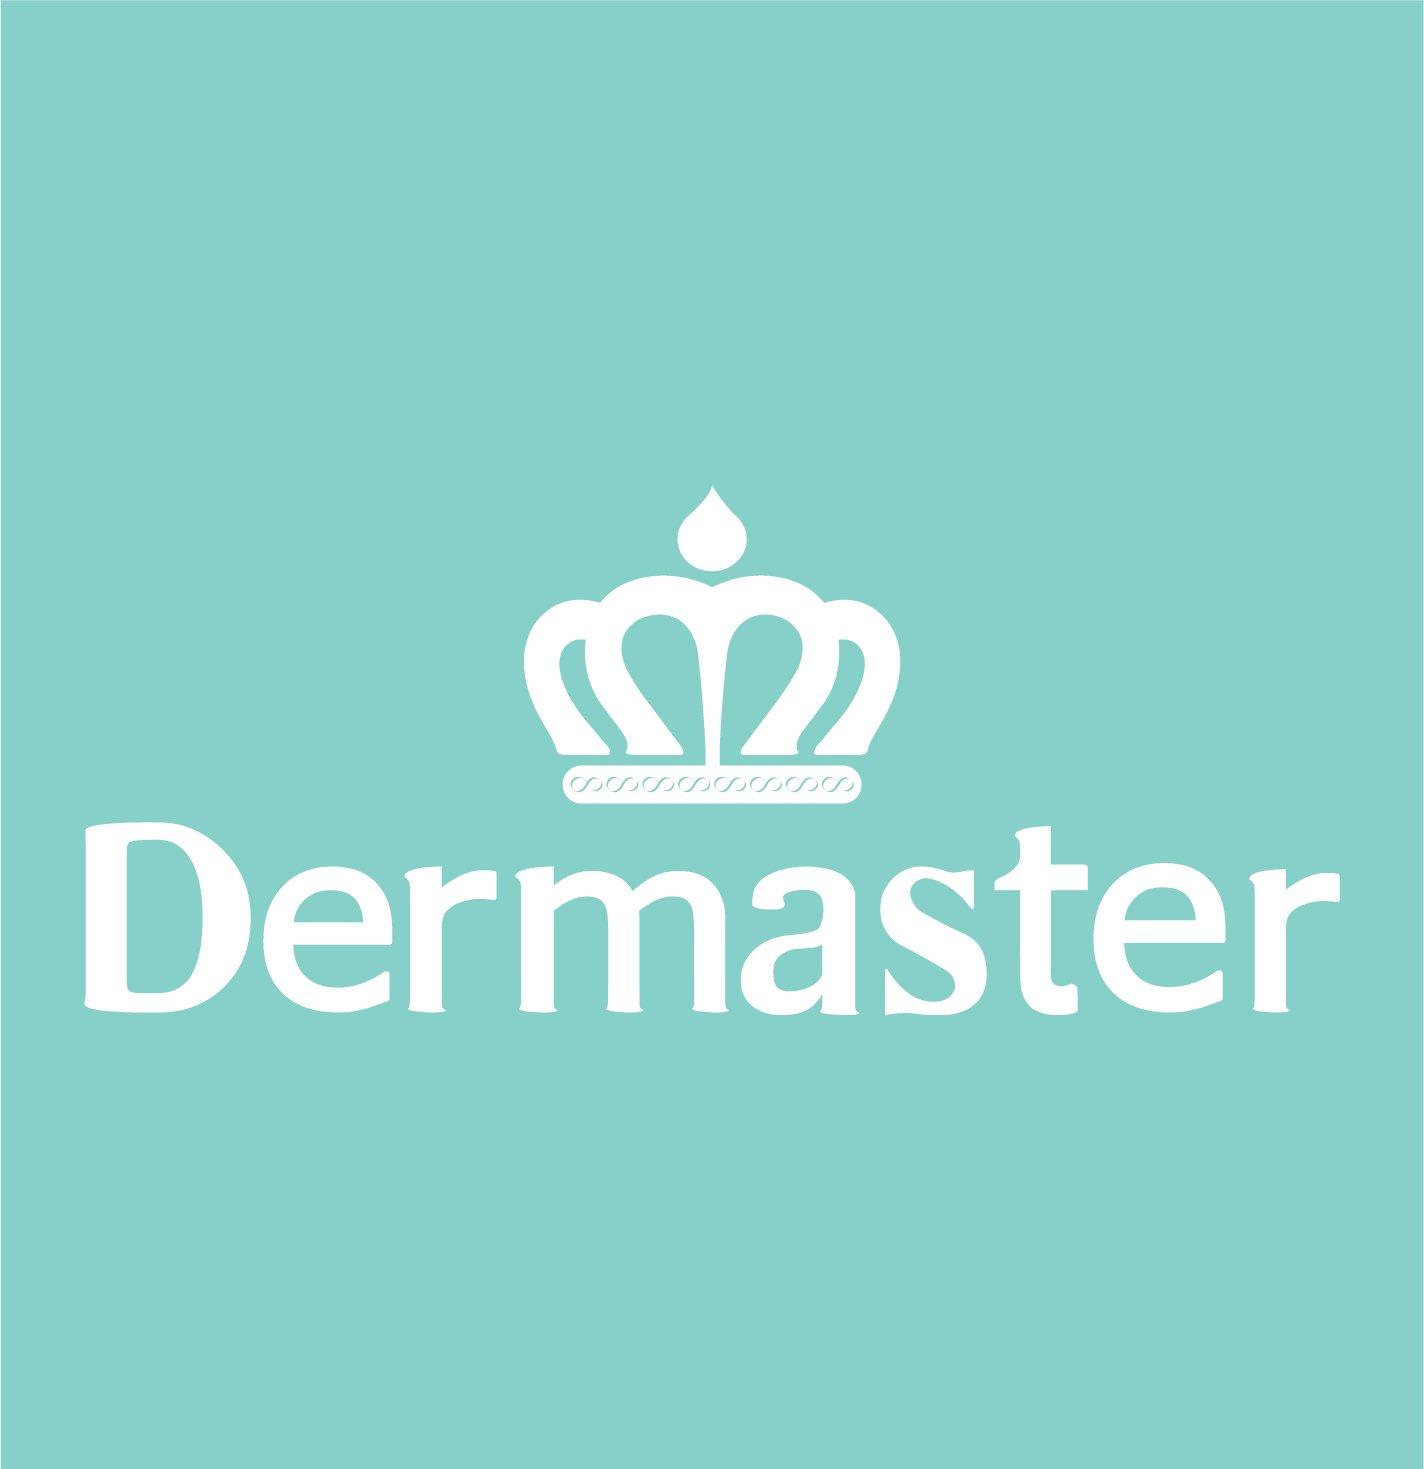 Hasil gambar untuk dermaster logo